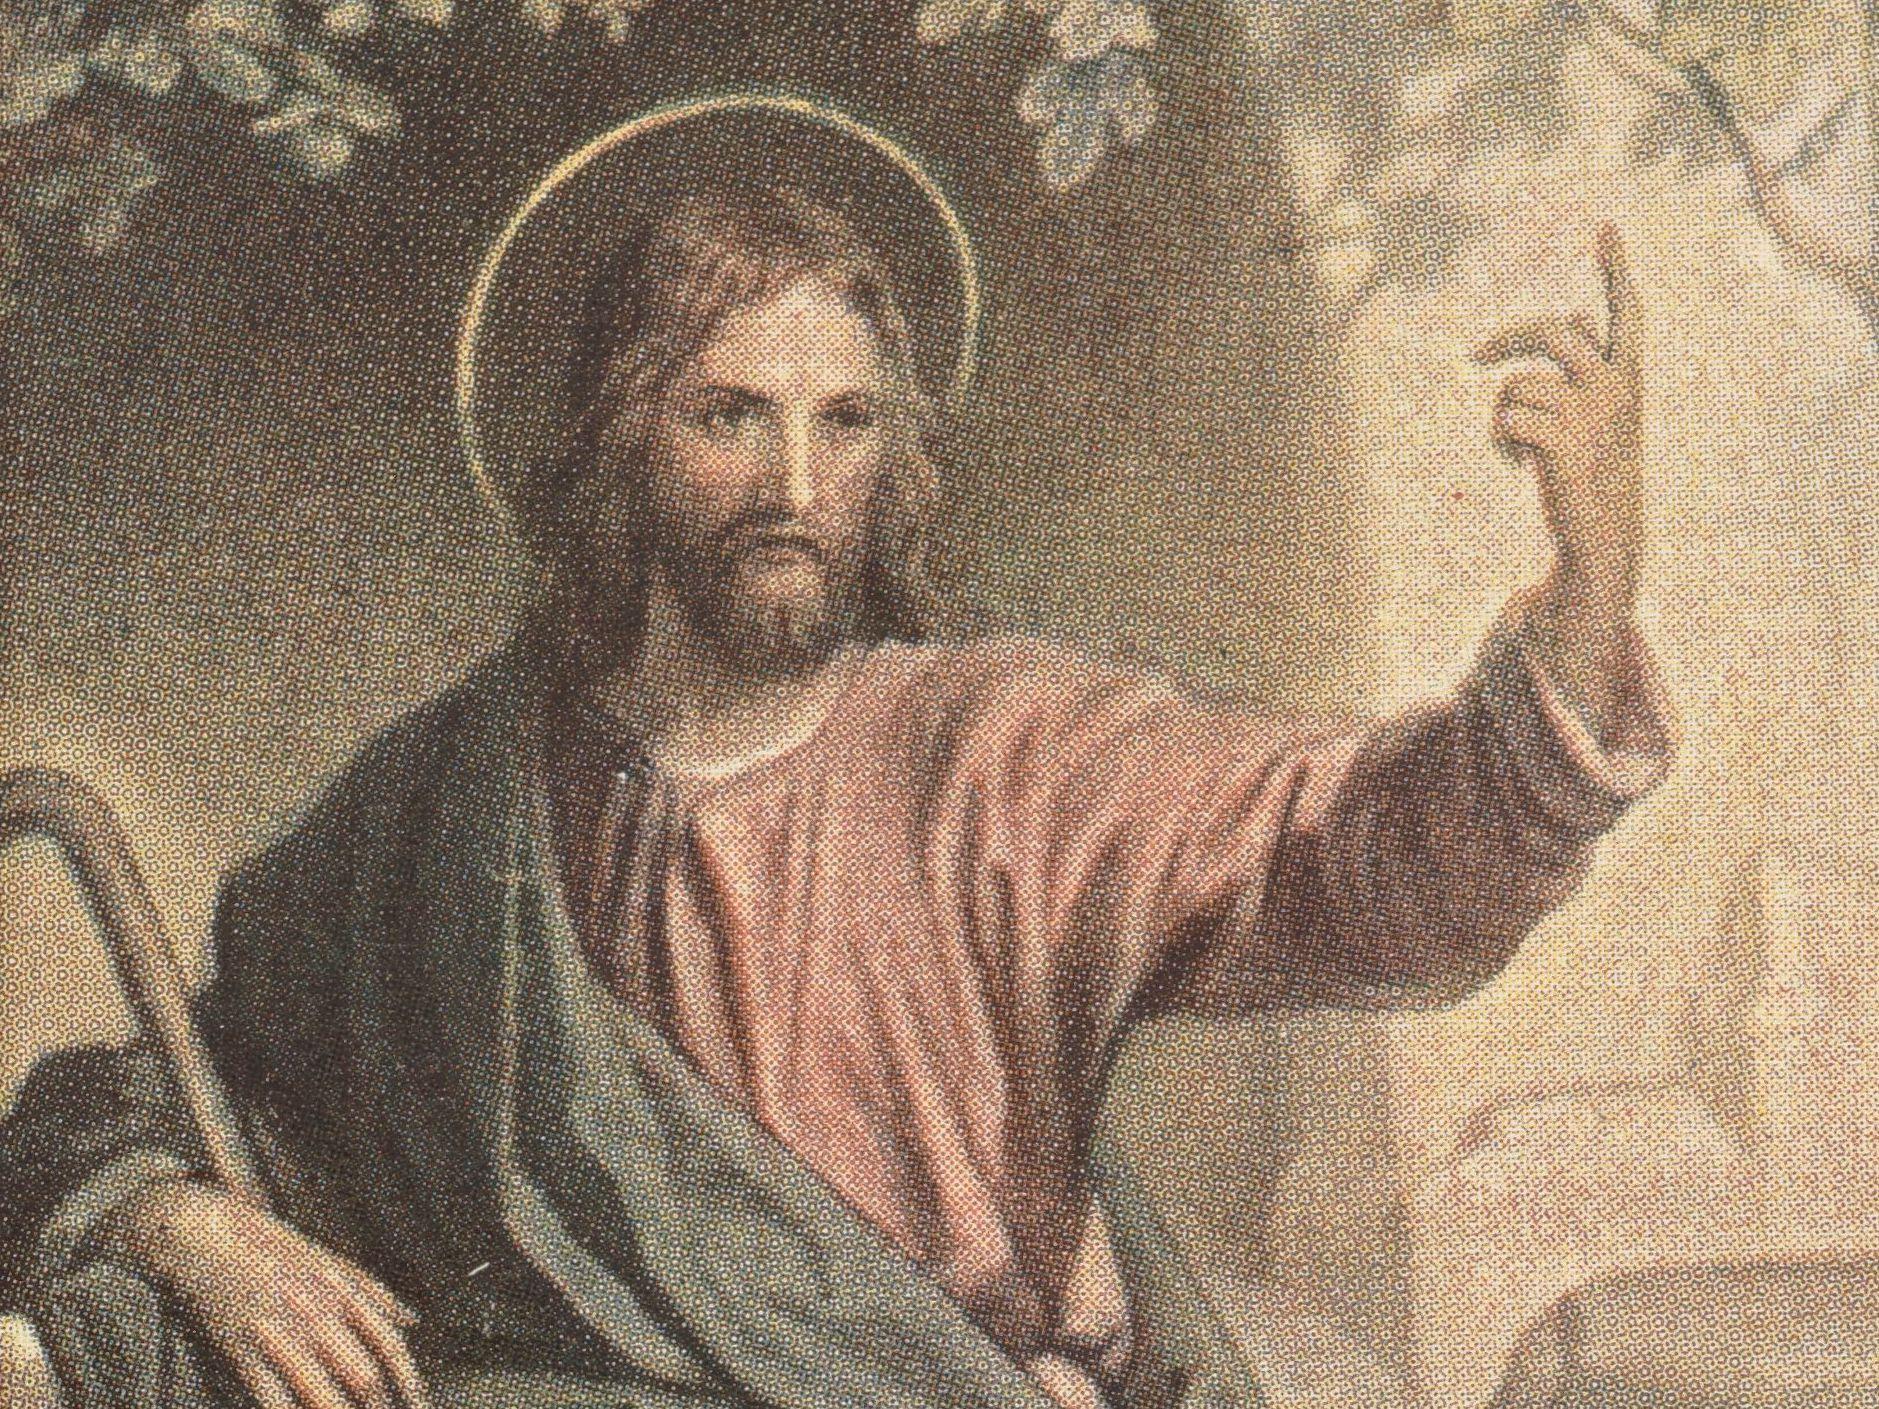 Jezus nauczający